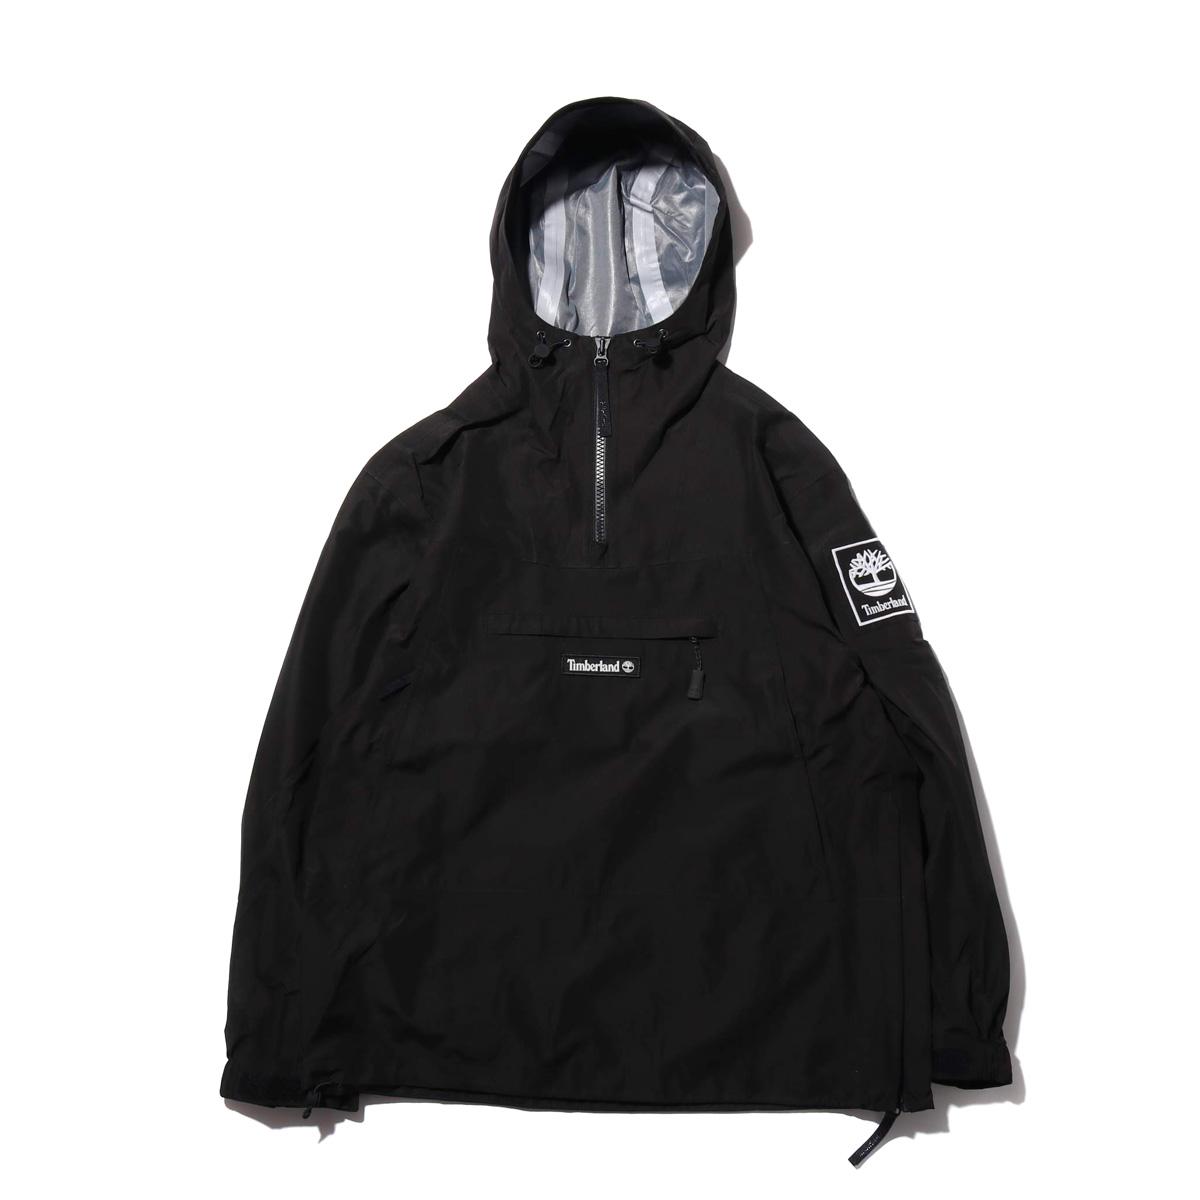 Timberland YCC Waterproof pullover(BLACK)(ティンバーランド YCC ウォータープルーフ プルオーバー)【メンズ】【ジャケット】【19SS-I】